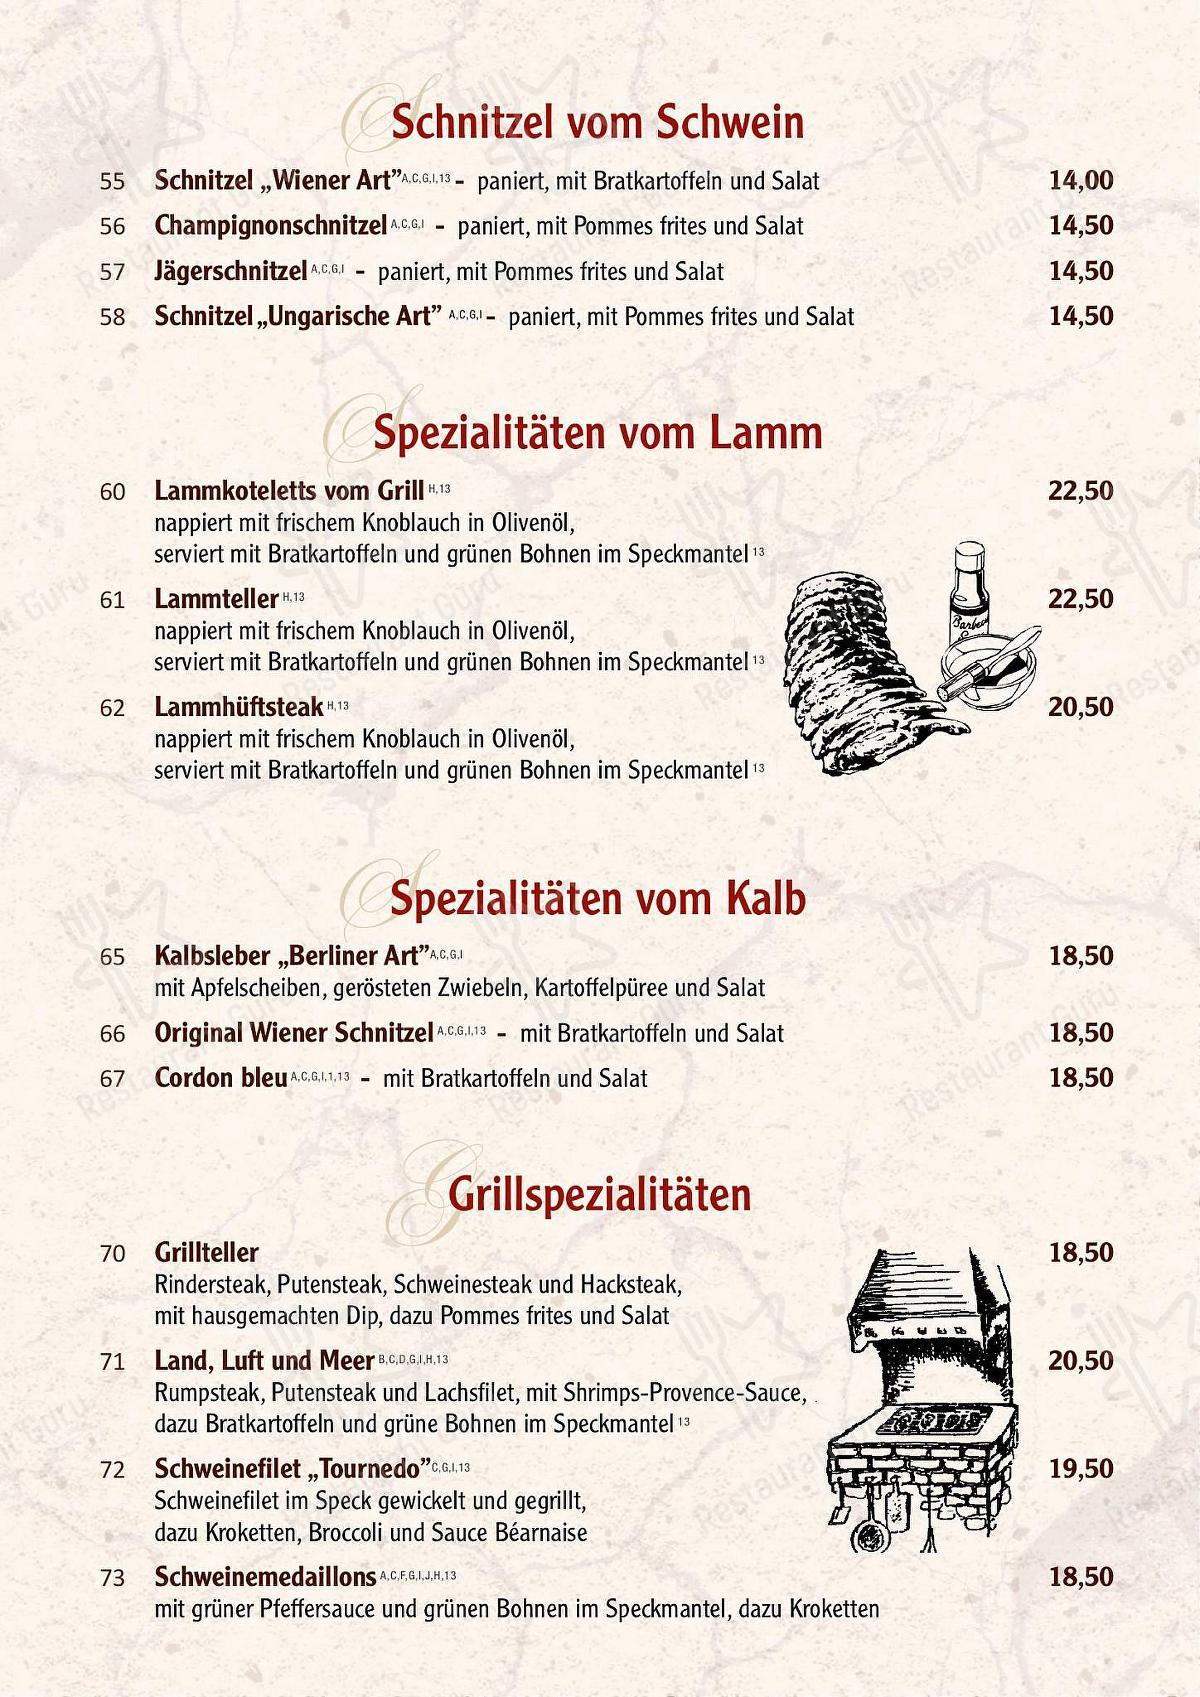 Forsthaus in Mülheim an der Ruhr - Speisekarte Restaurant